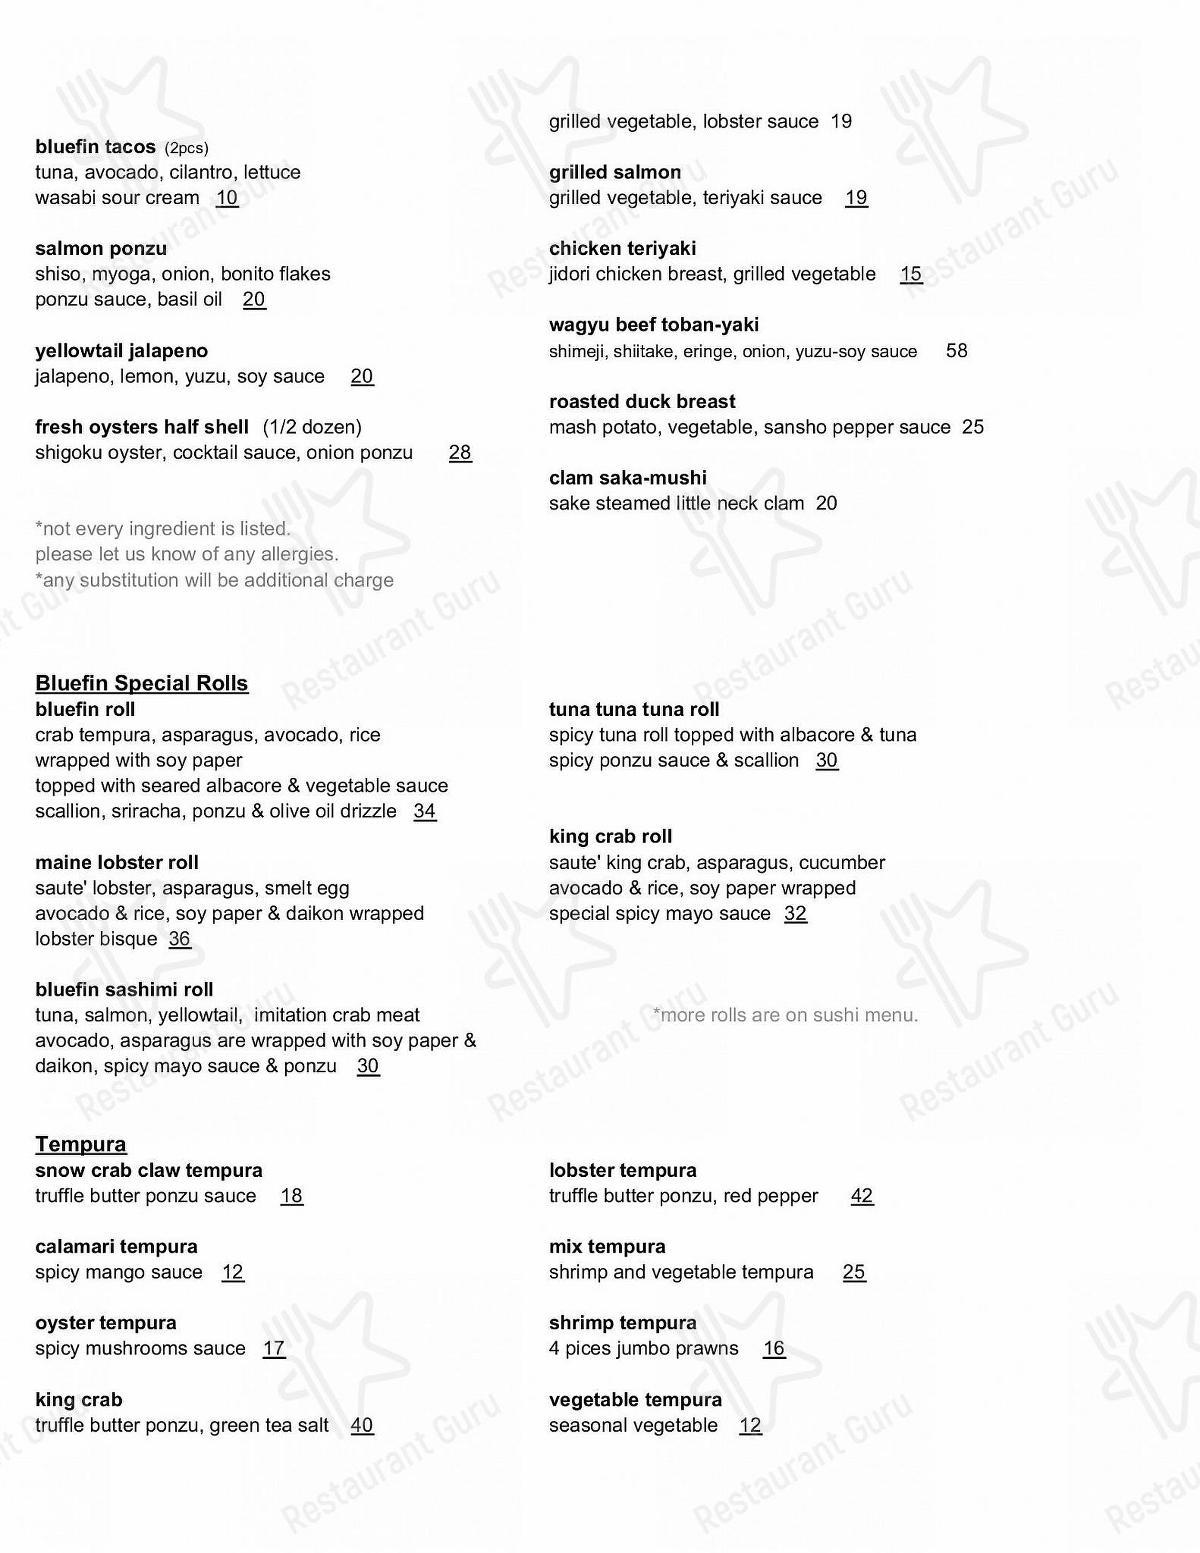 Carta de Bluefin - platos y bebidas